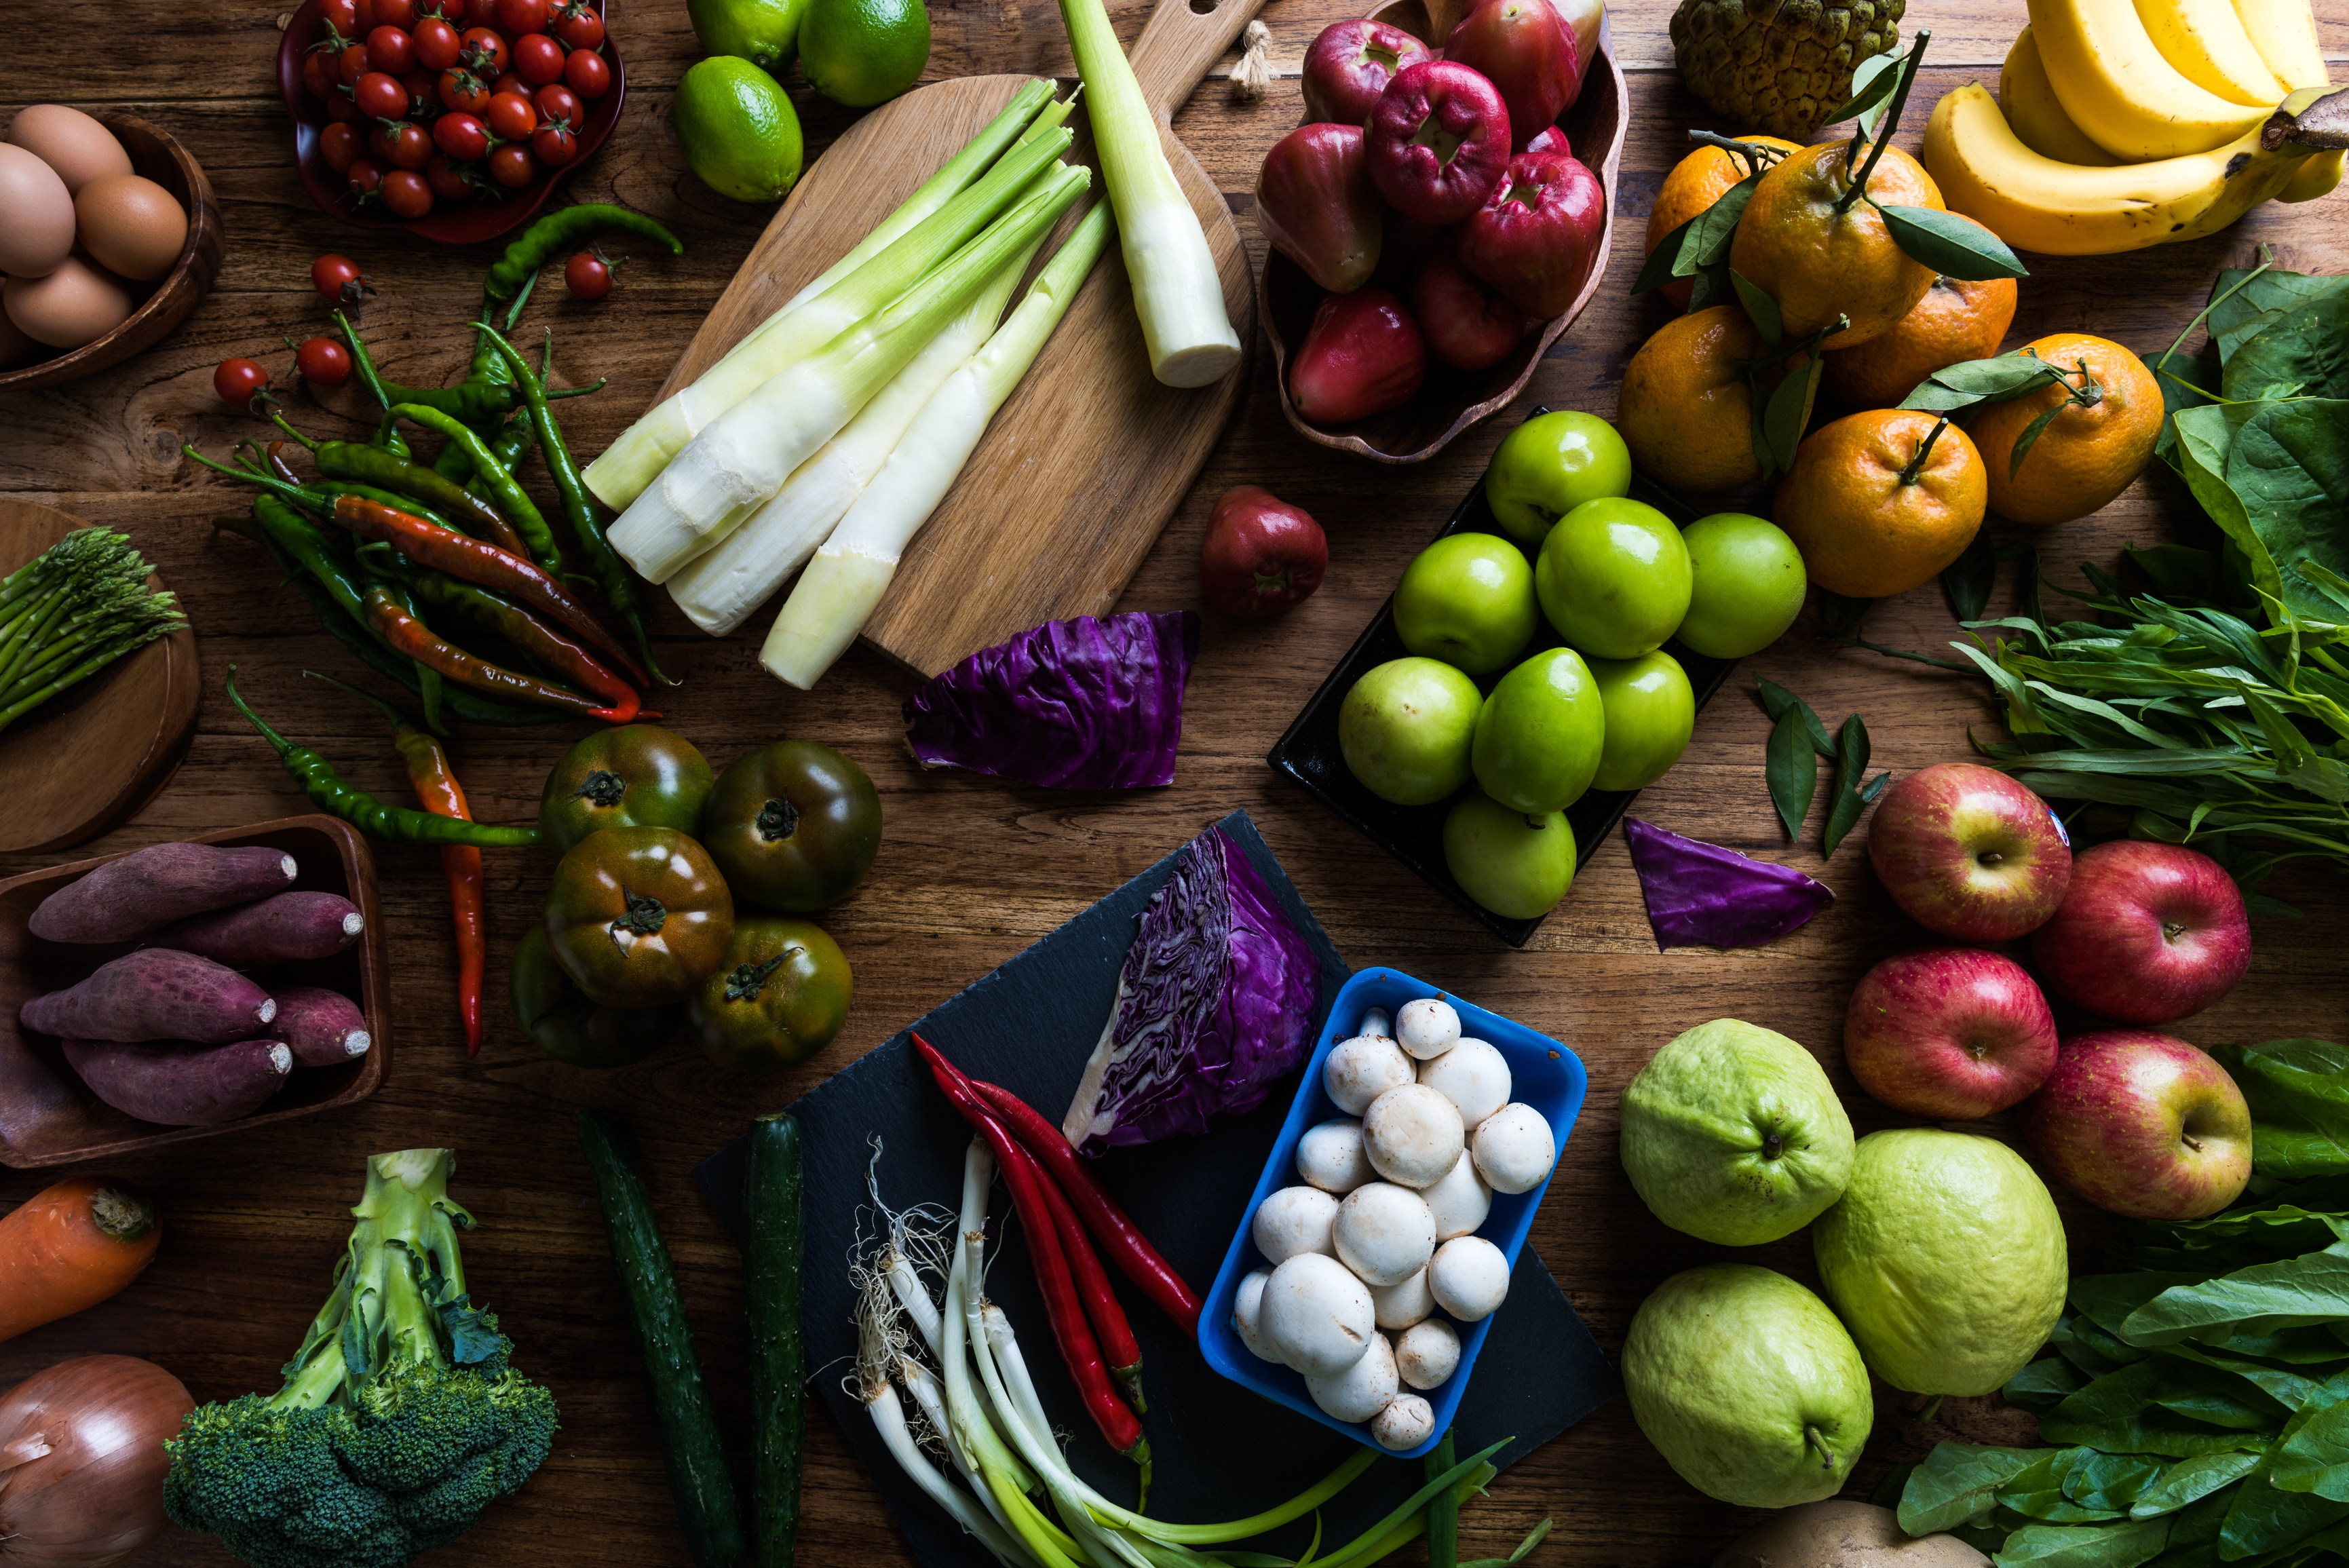 健康饮食的春季大扫除规则